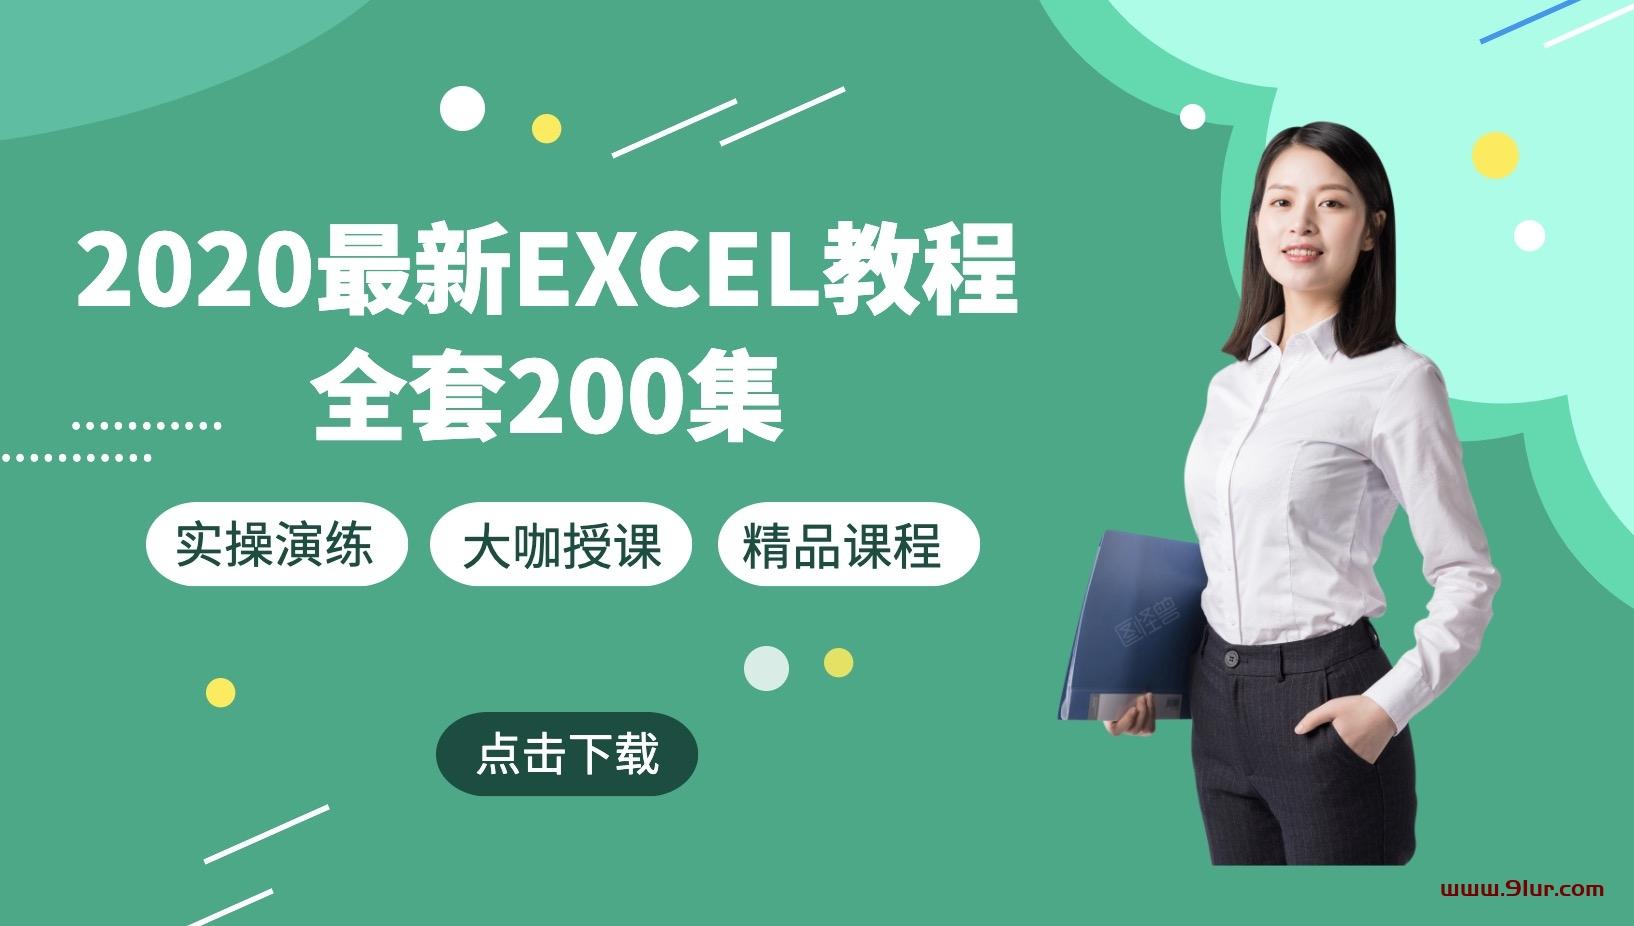 2020年最新Excel教程全套200集#Excel视频教程百度网盘下载#2020Excel视频教程